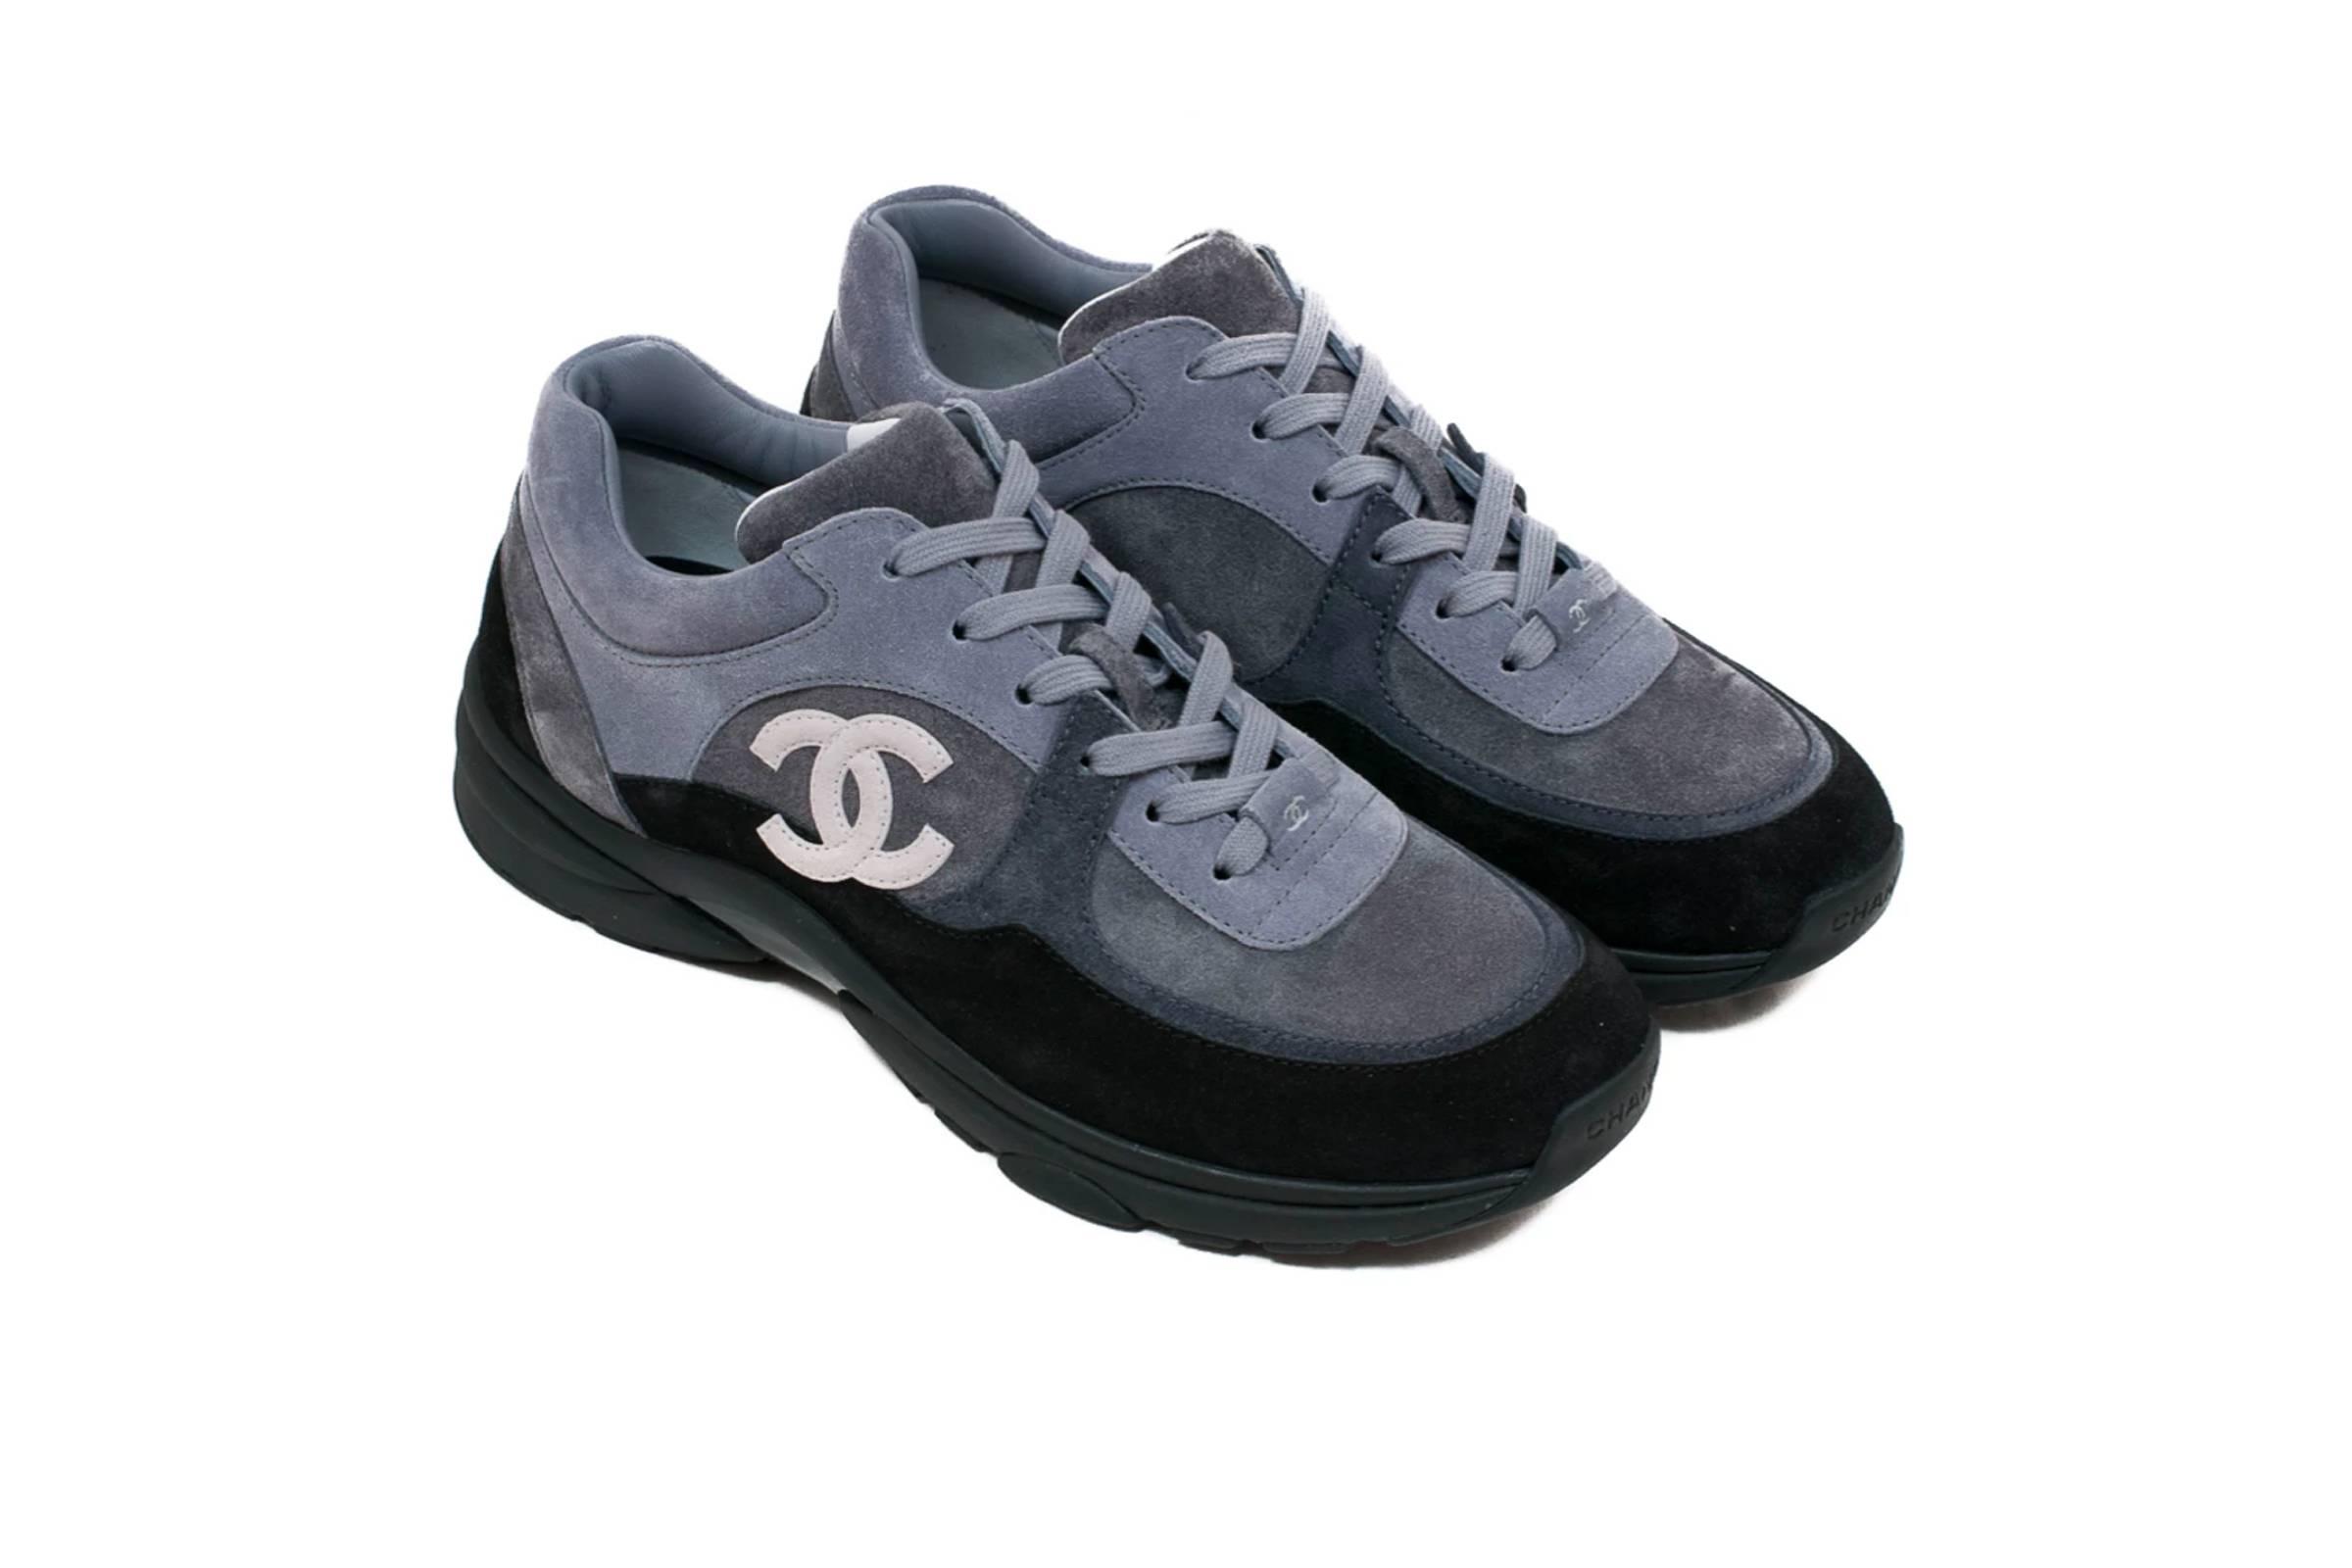 Chanel Low Top Sneaker